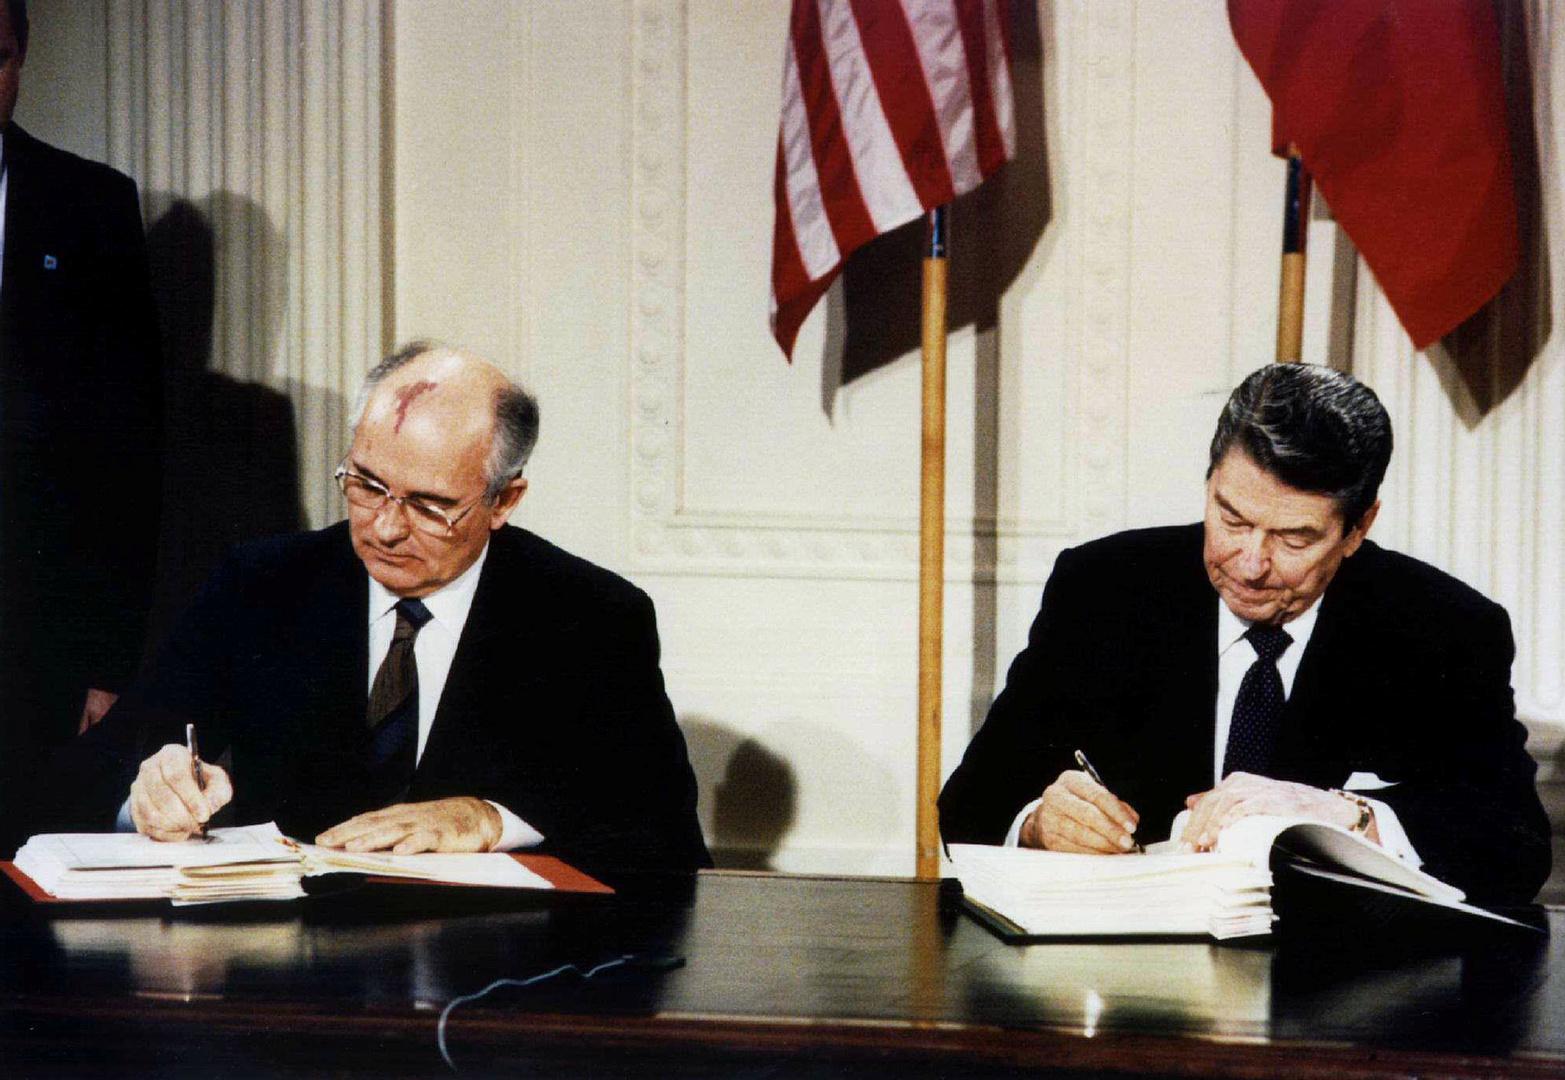 غورباتشوف يقدم اقتراحا لروسيا والولايات المتحدة